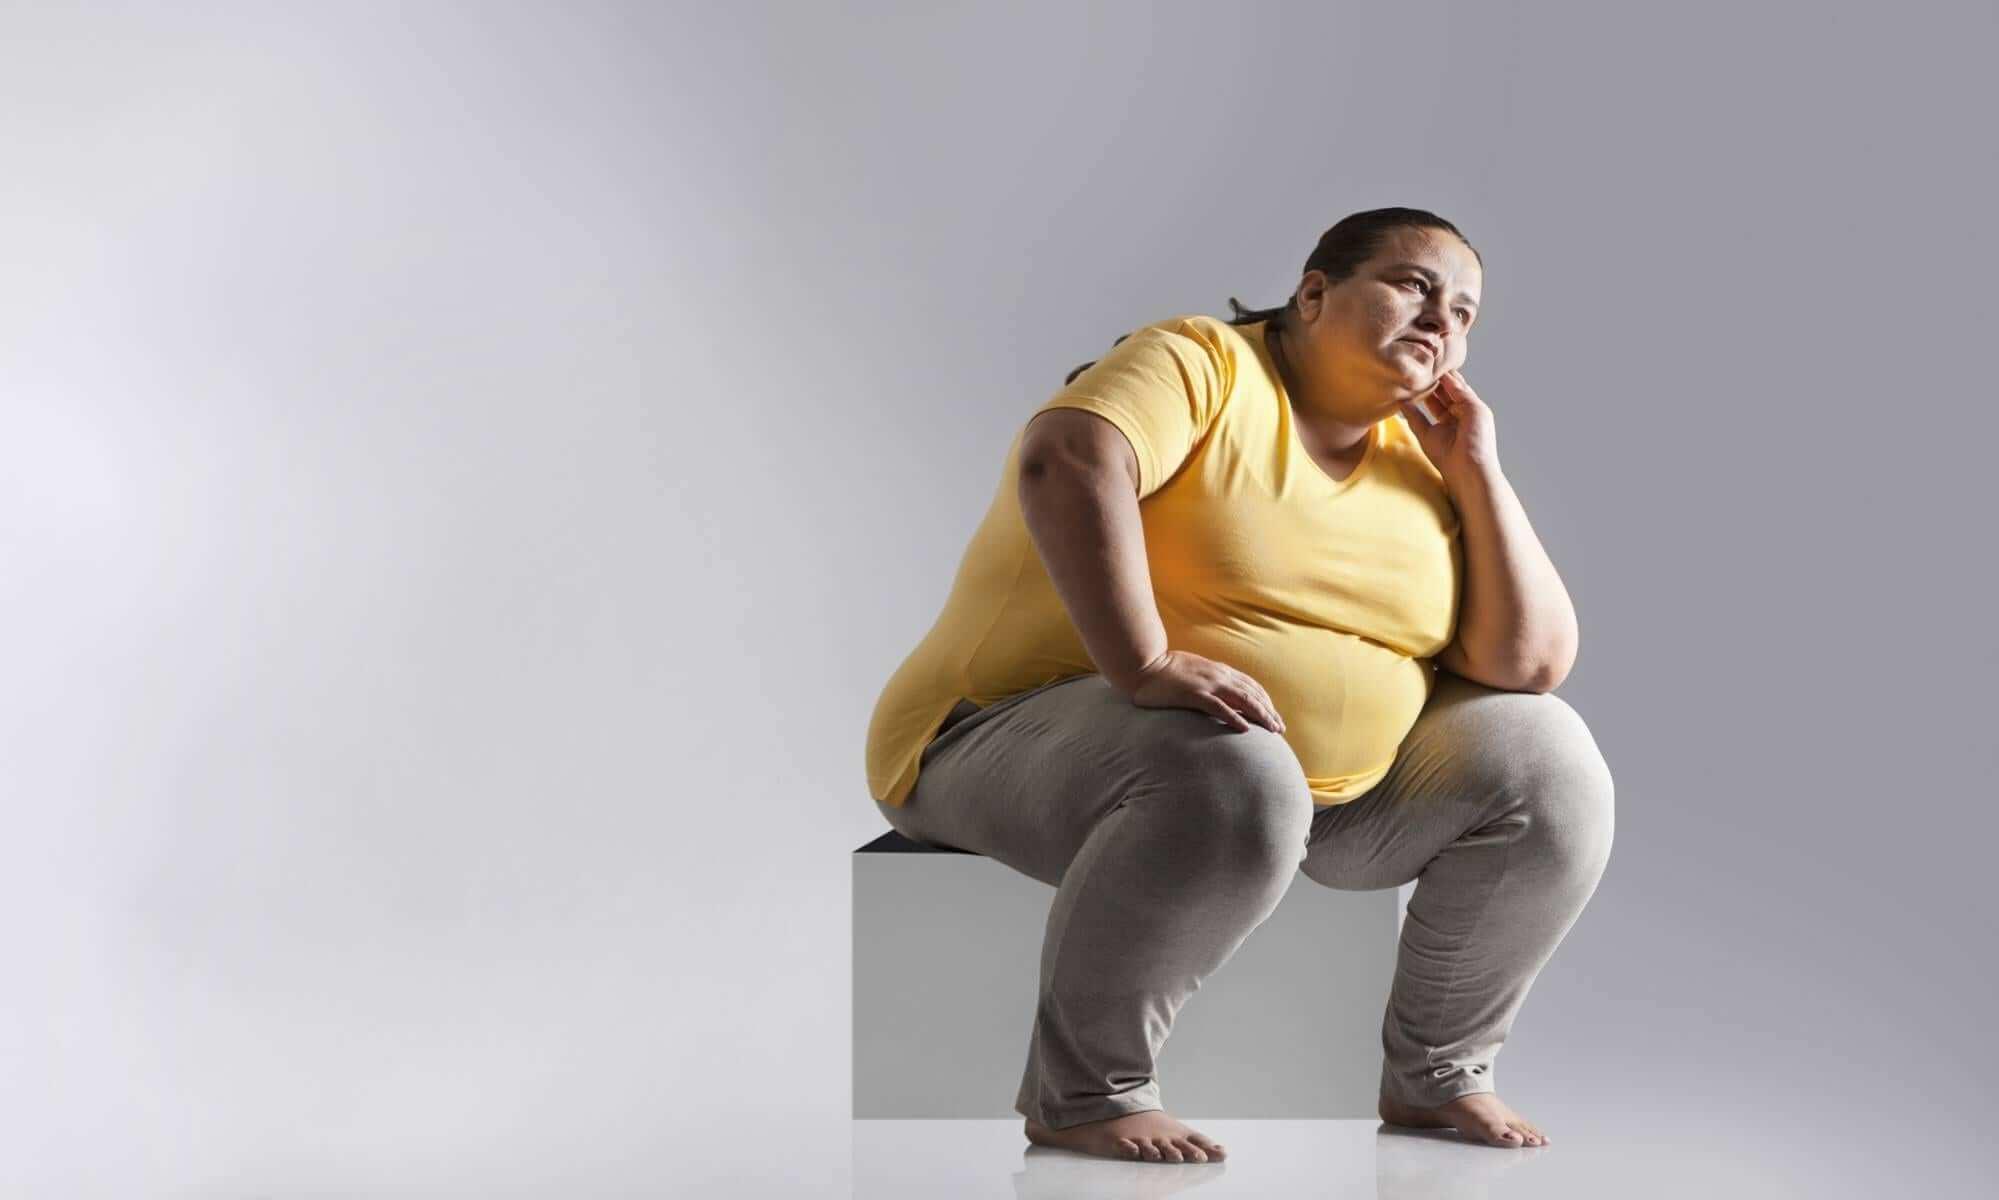 סיבות להשמנת יתר